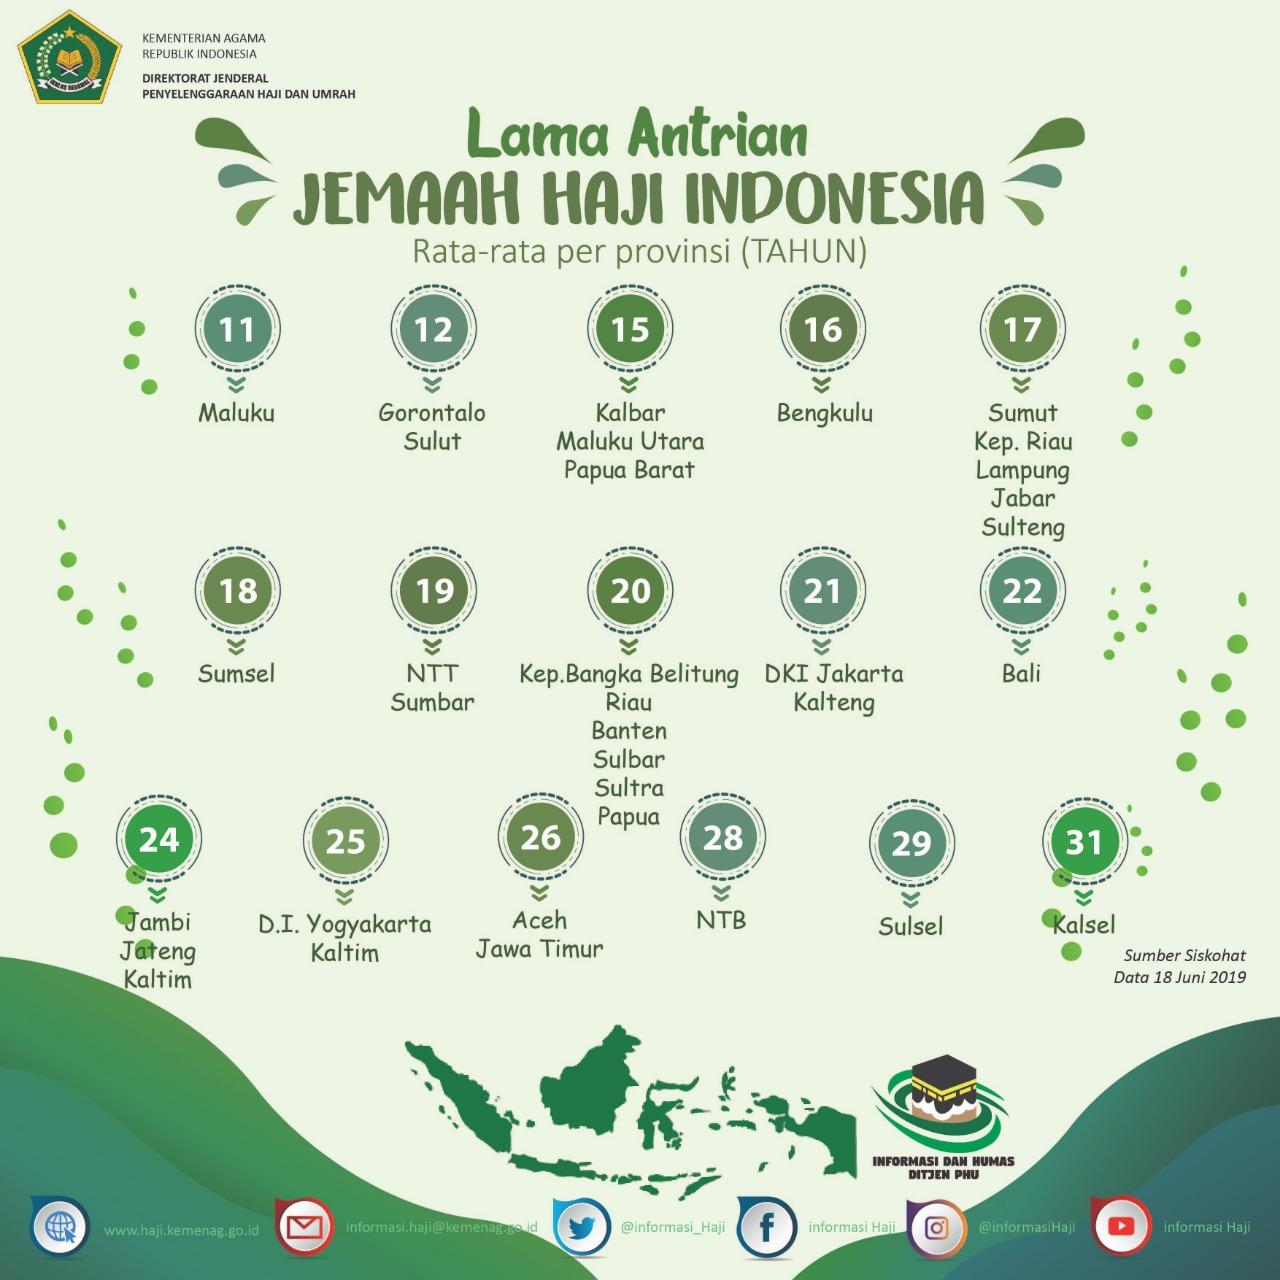 Berapa  Lama Antrian Jemaah Haji Indonesia?